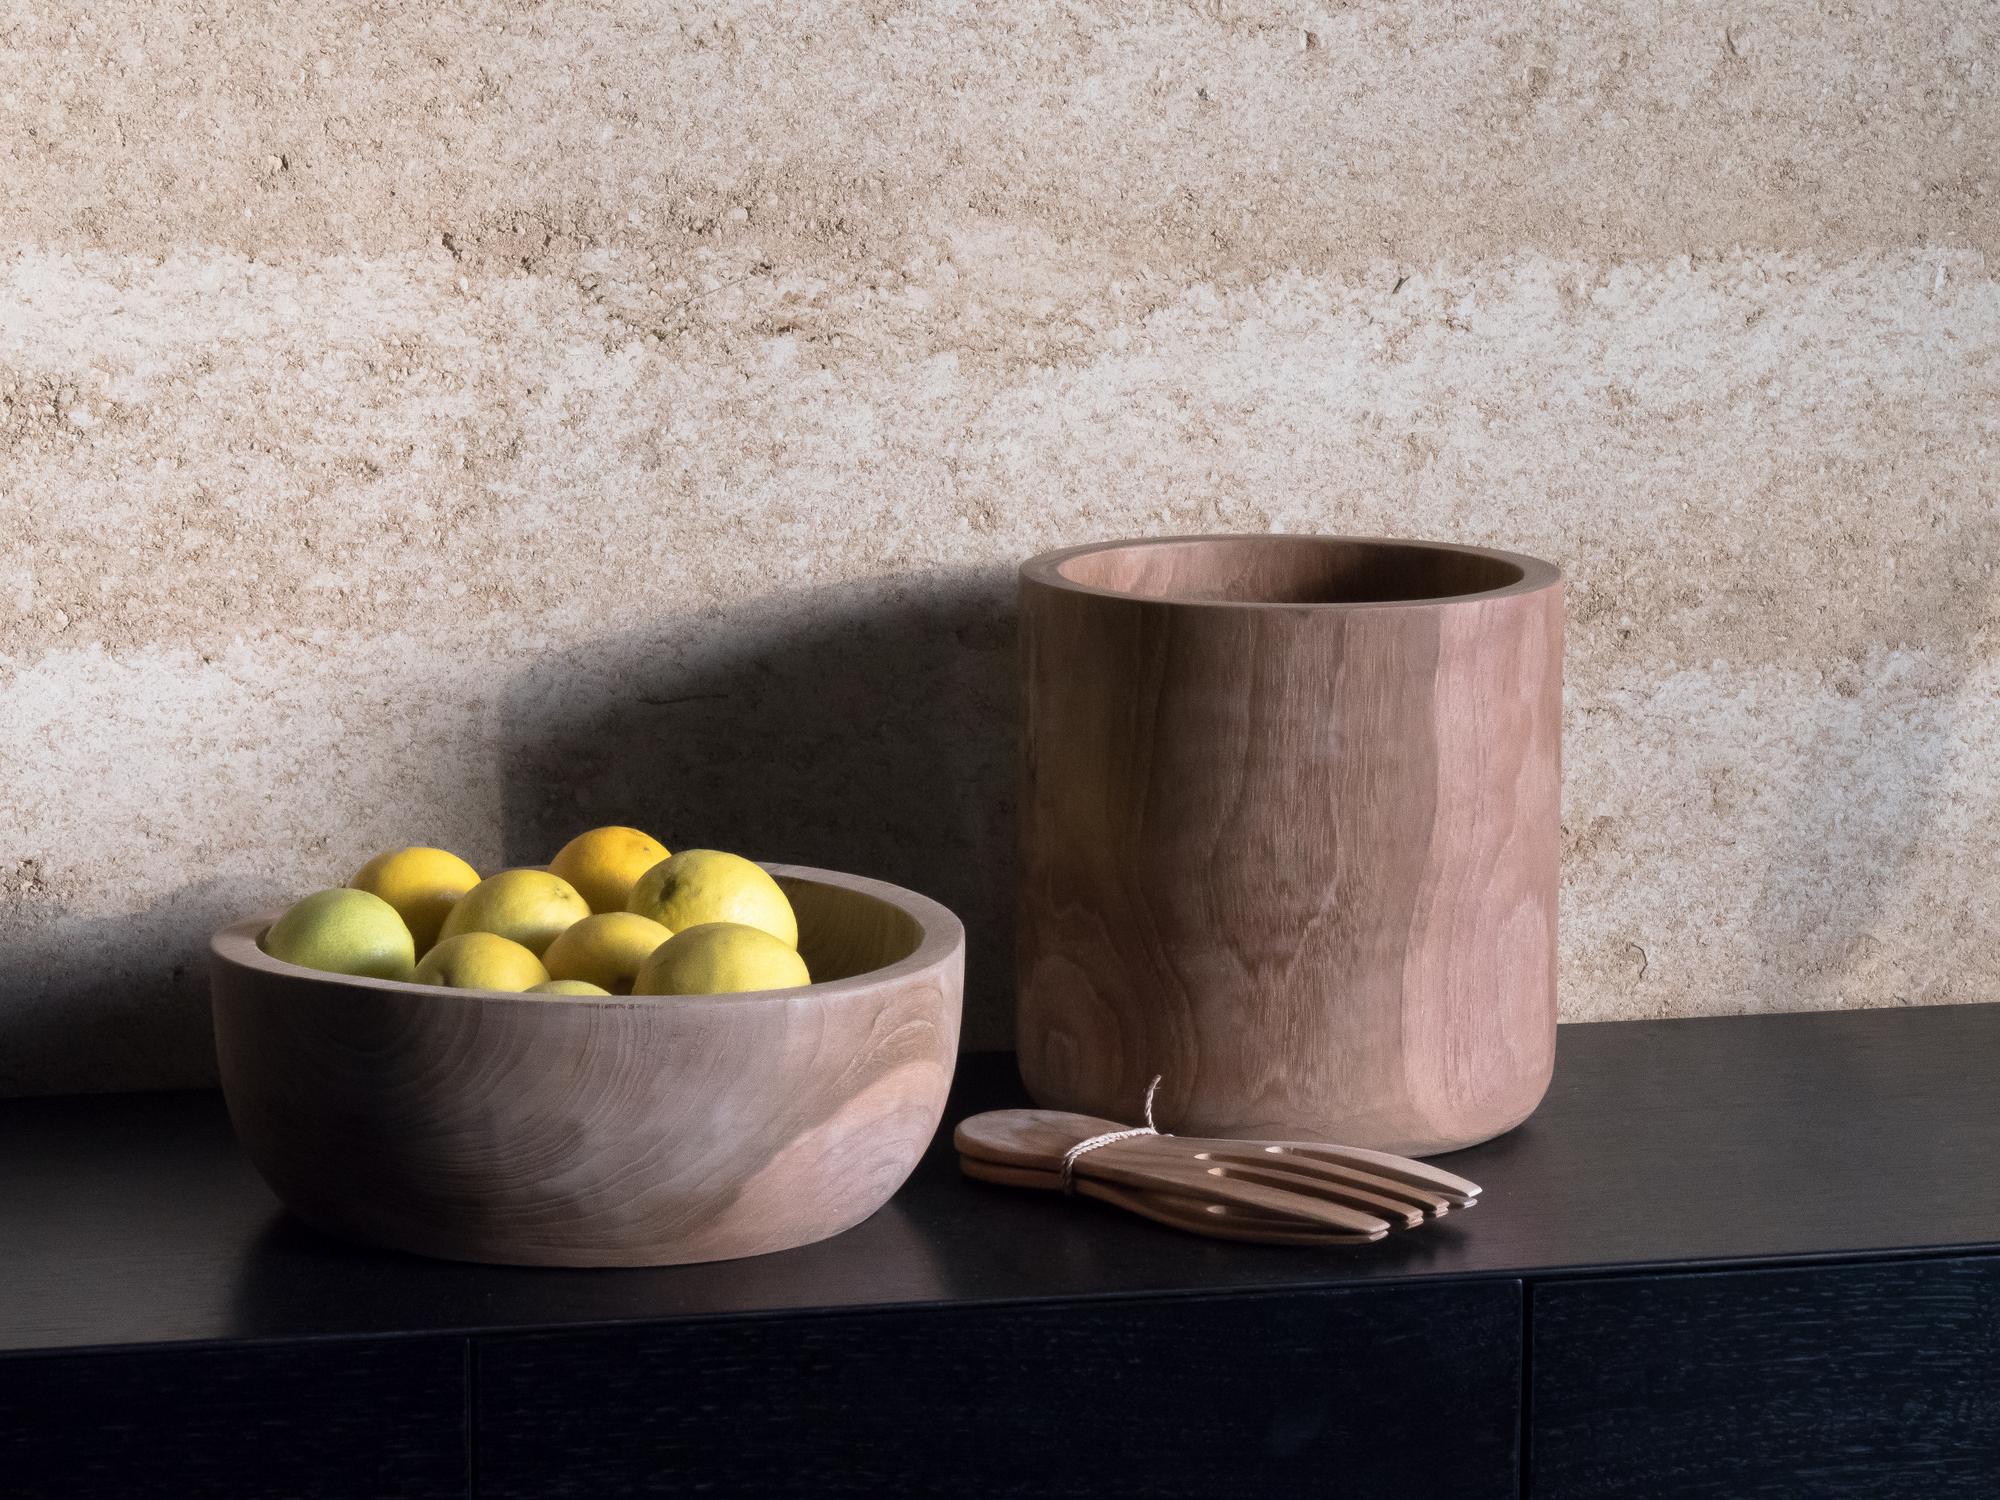 cocina-bowl